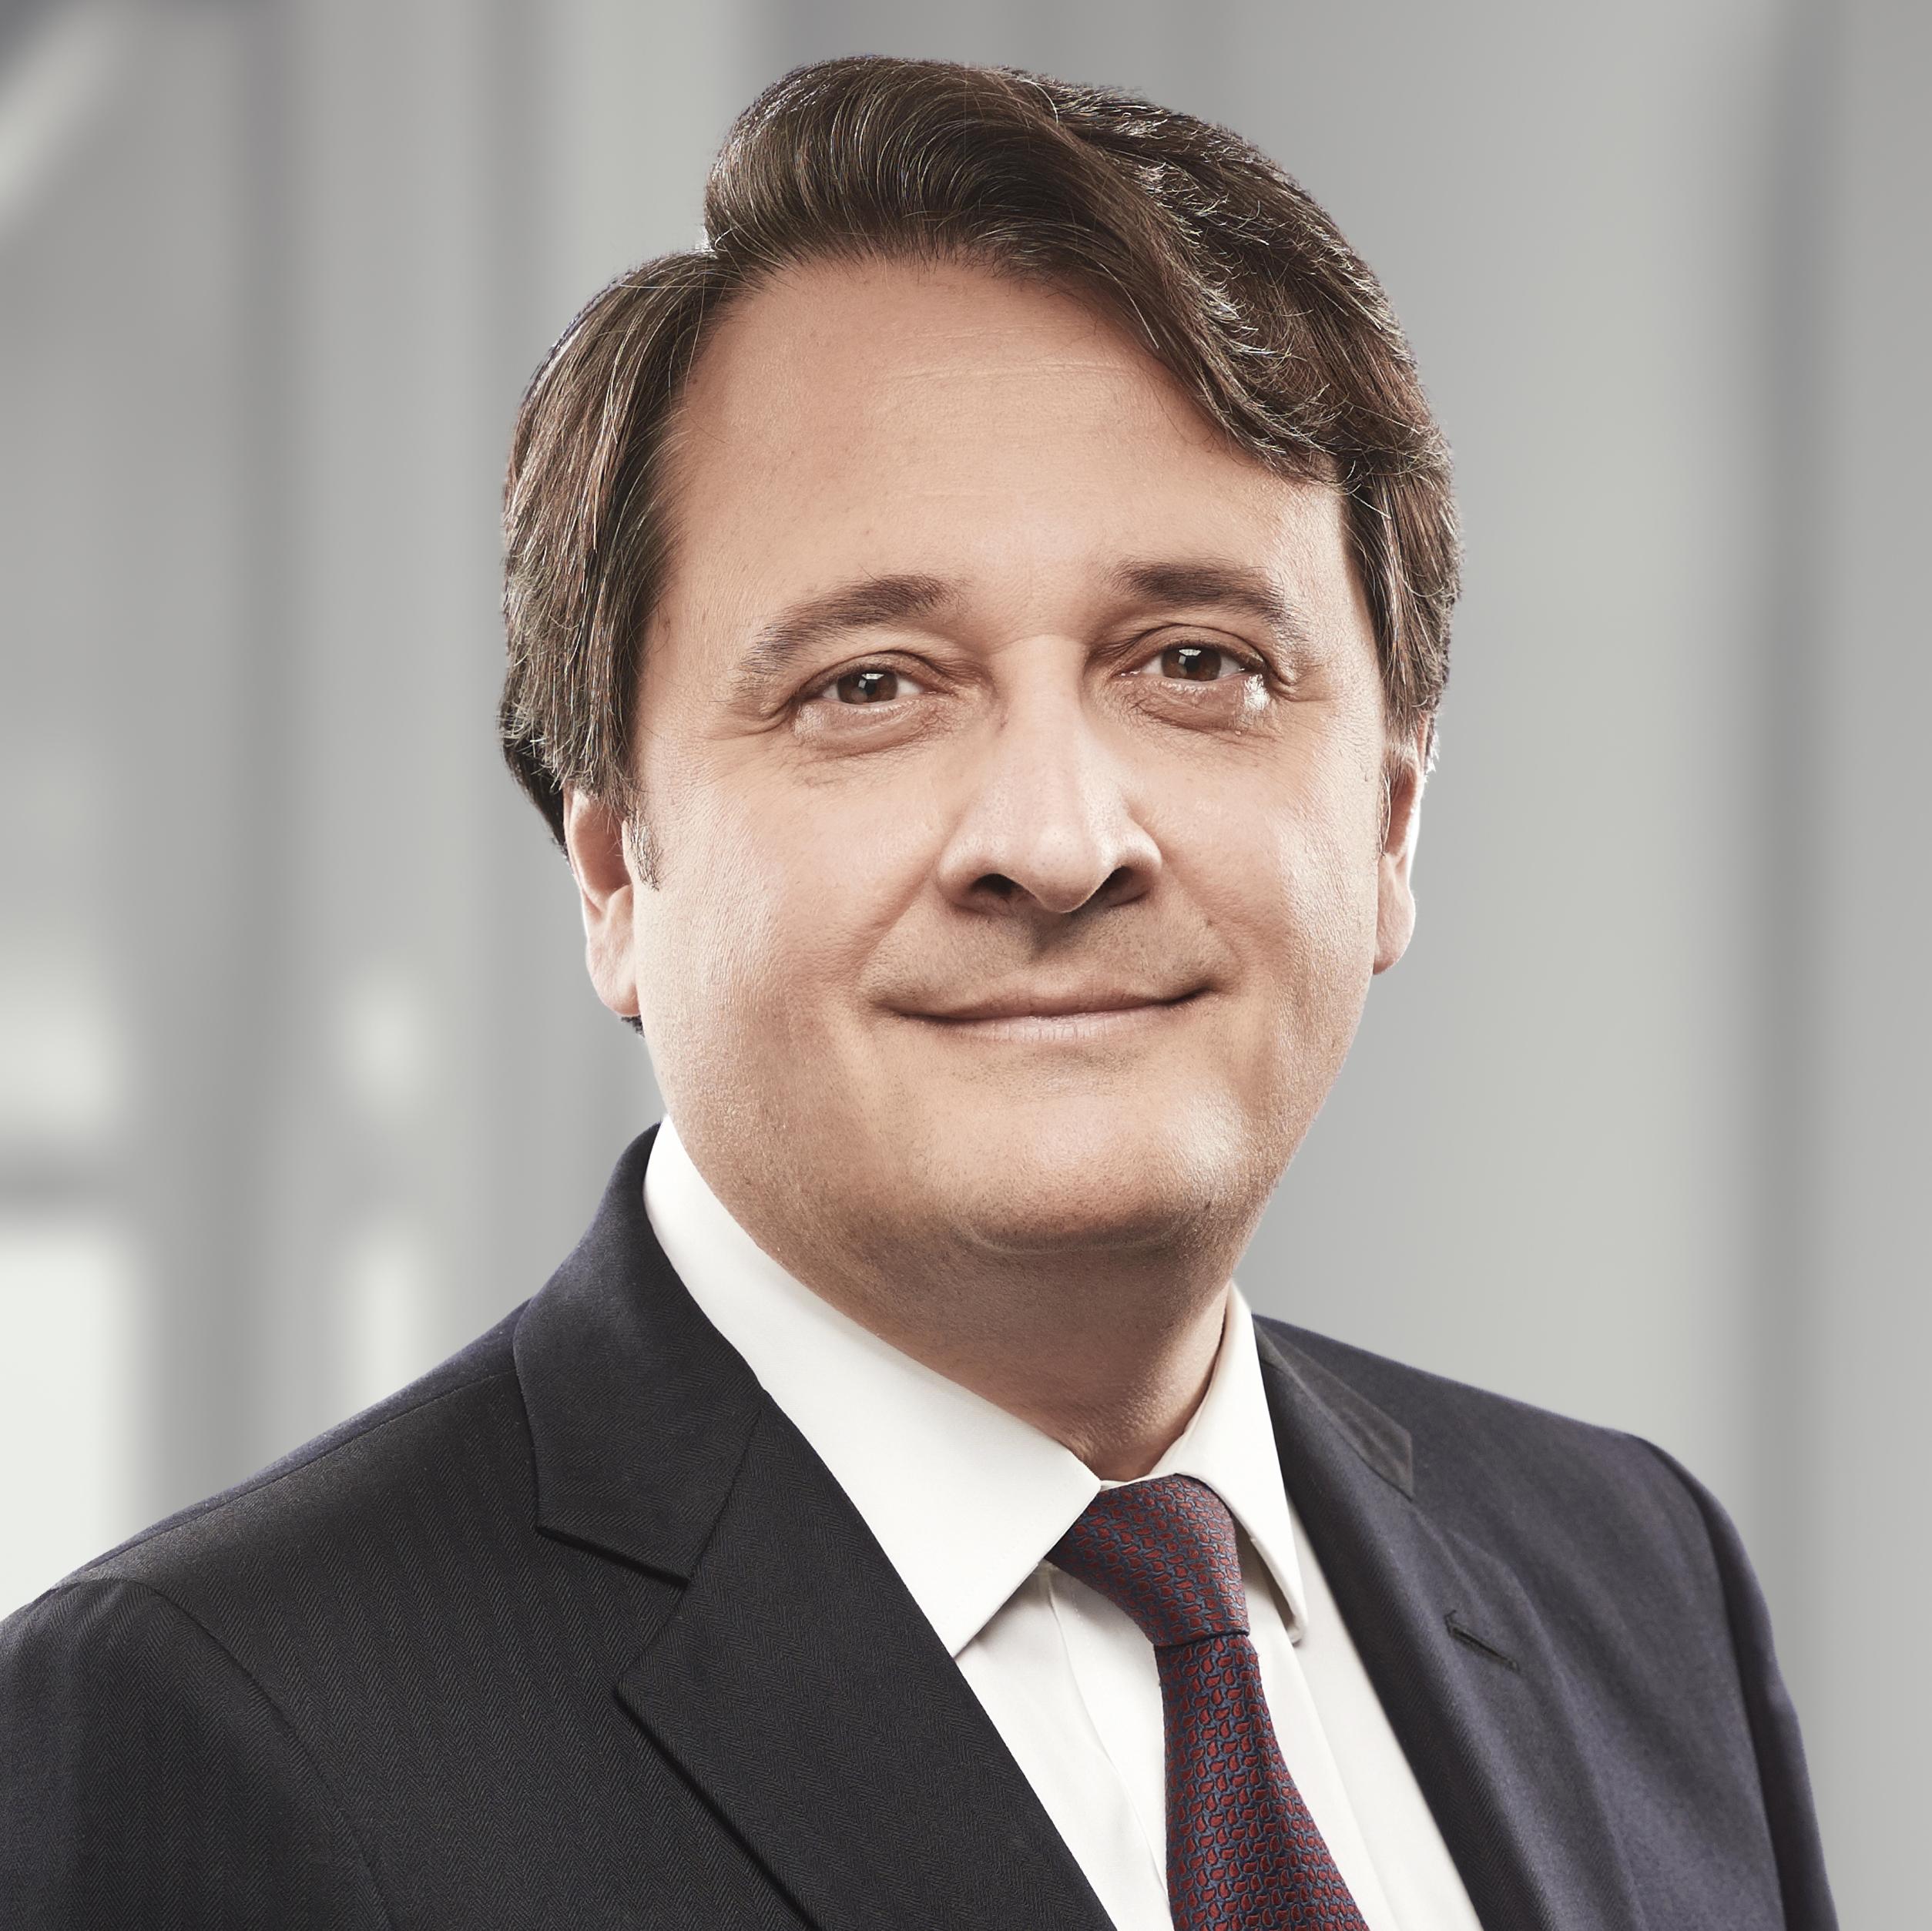 Tony DeMarinis